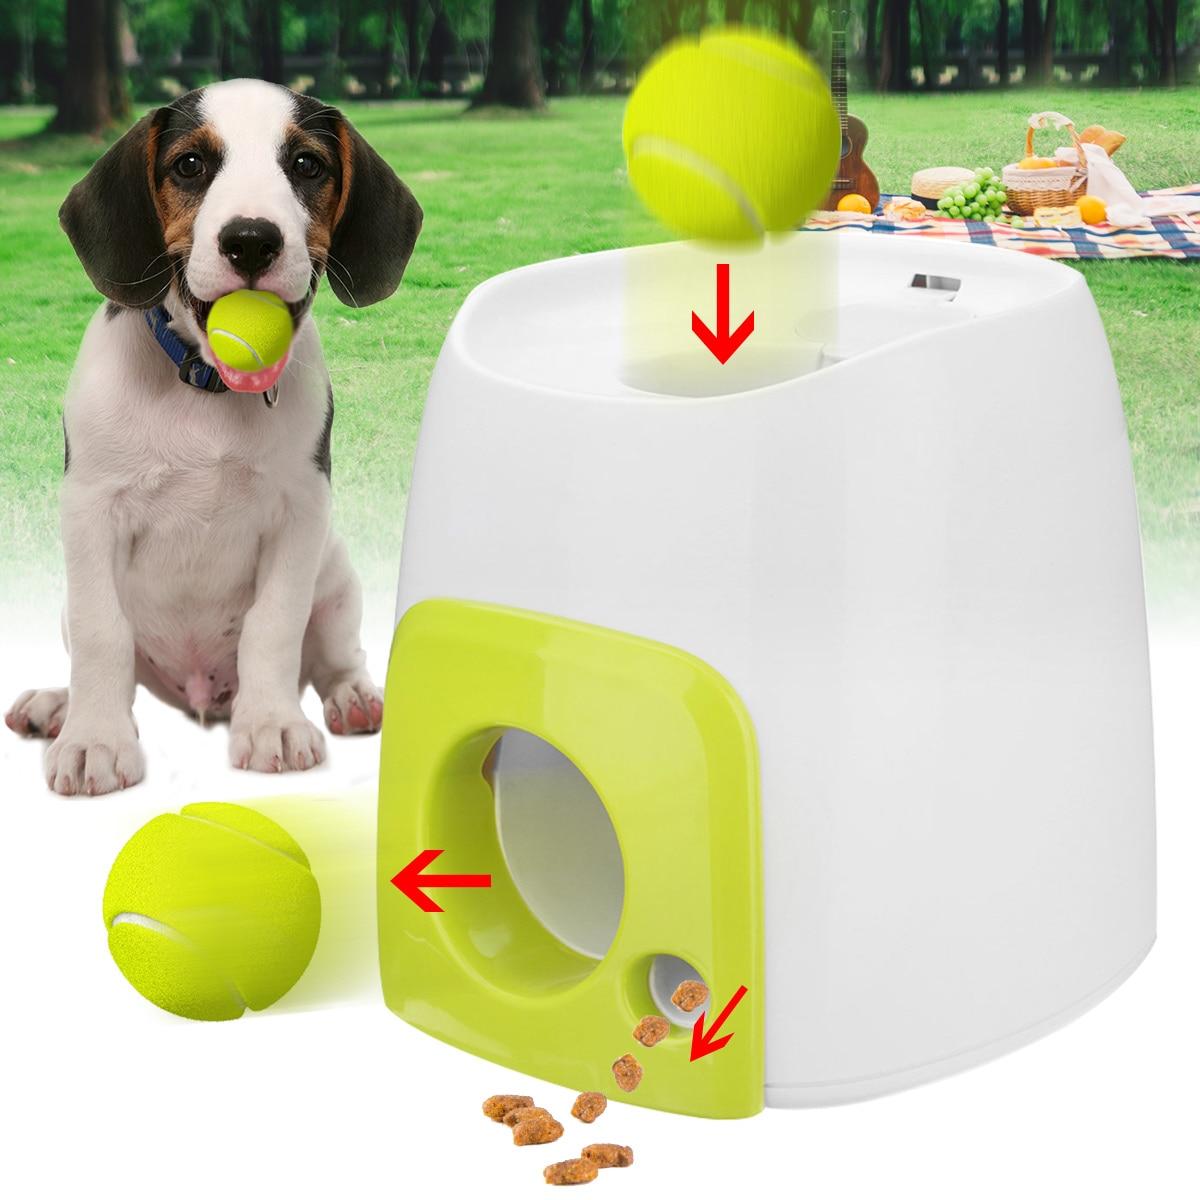 Woopet Pet Chien Jouet Automatique Balle Interactive Lanceur De Tennis Balle Roule sur Machine Lancement Corvée Balles Outil De Formation De Chien